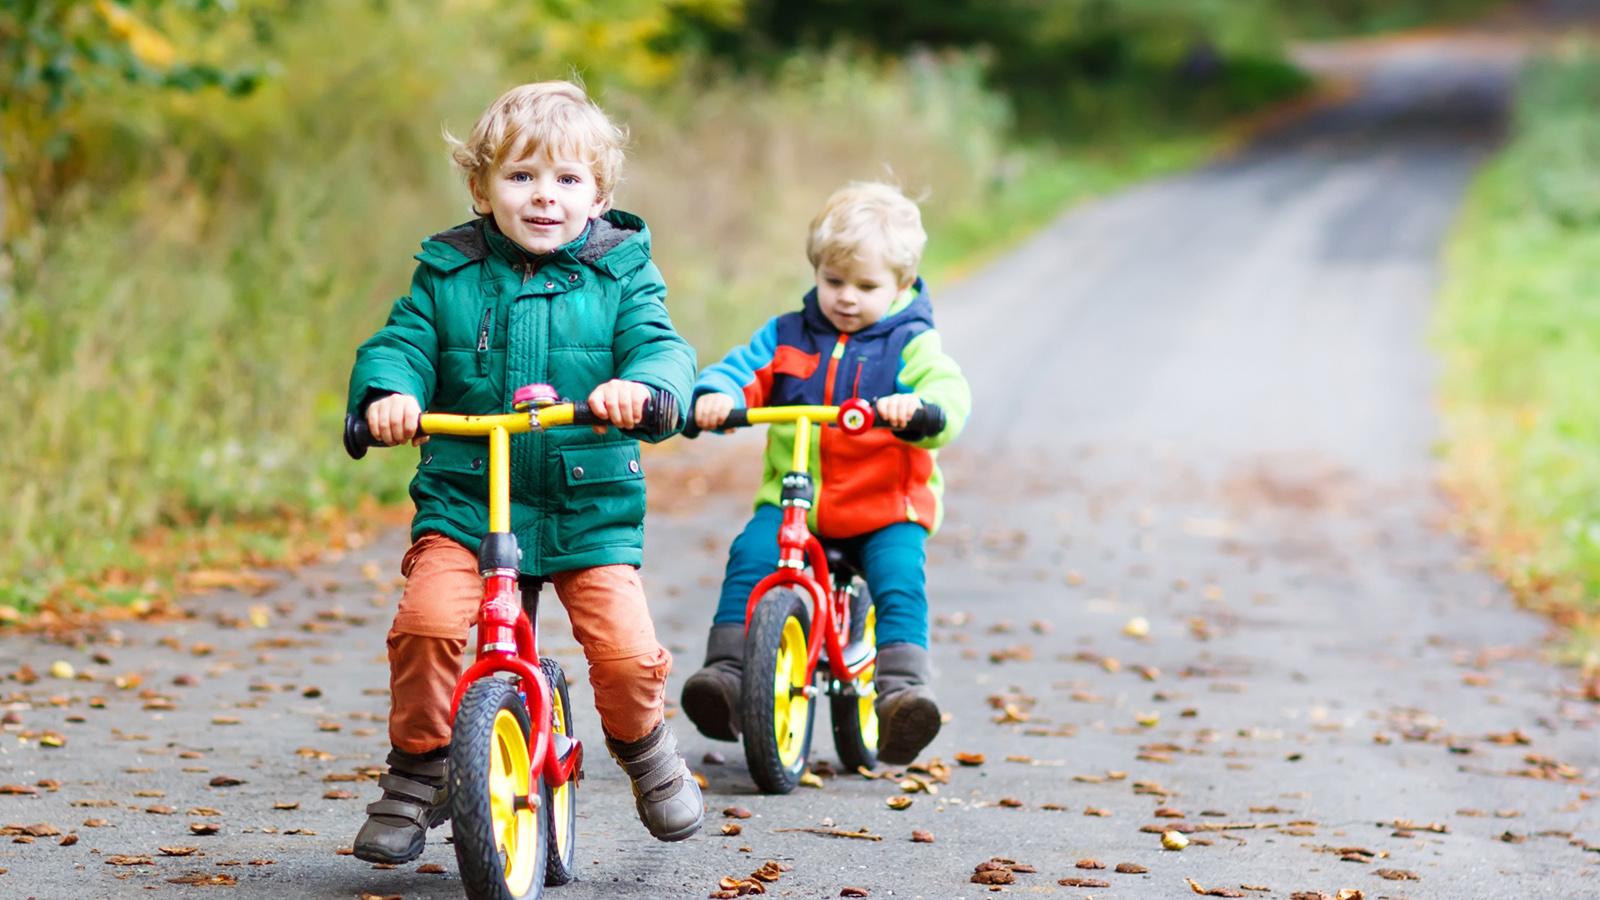 zwei kleine Jungen mit bunten Laufrädern auf einer Straße im Wald